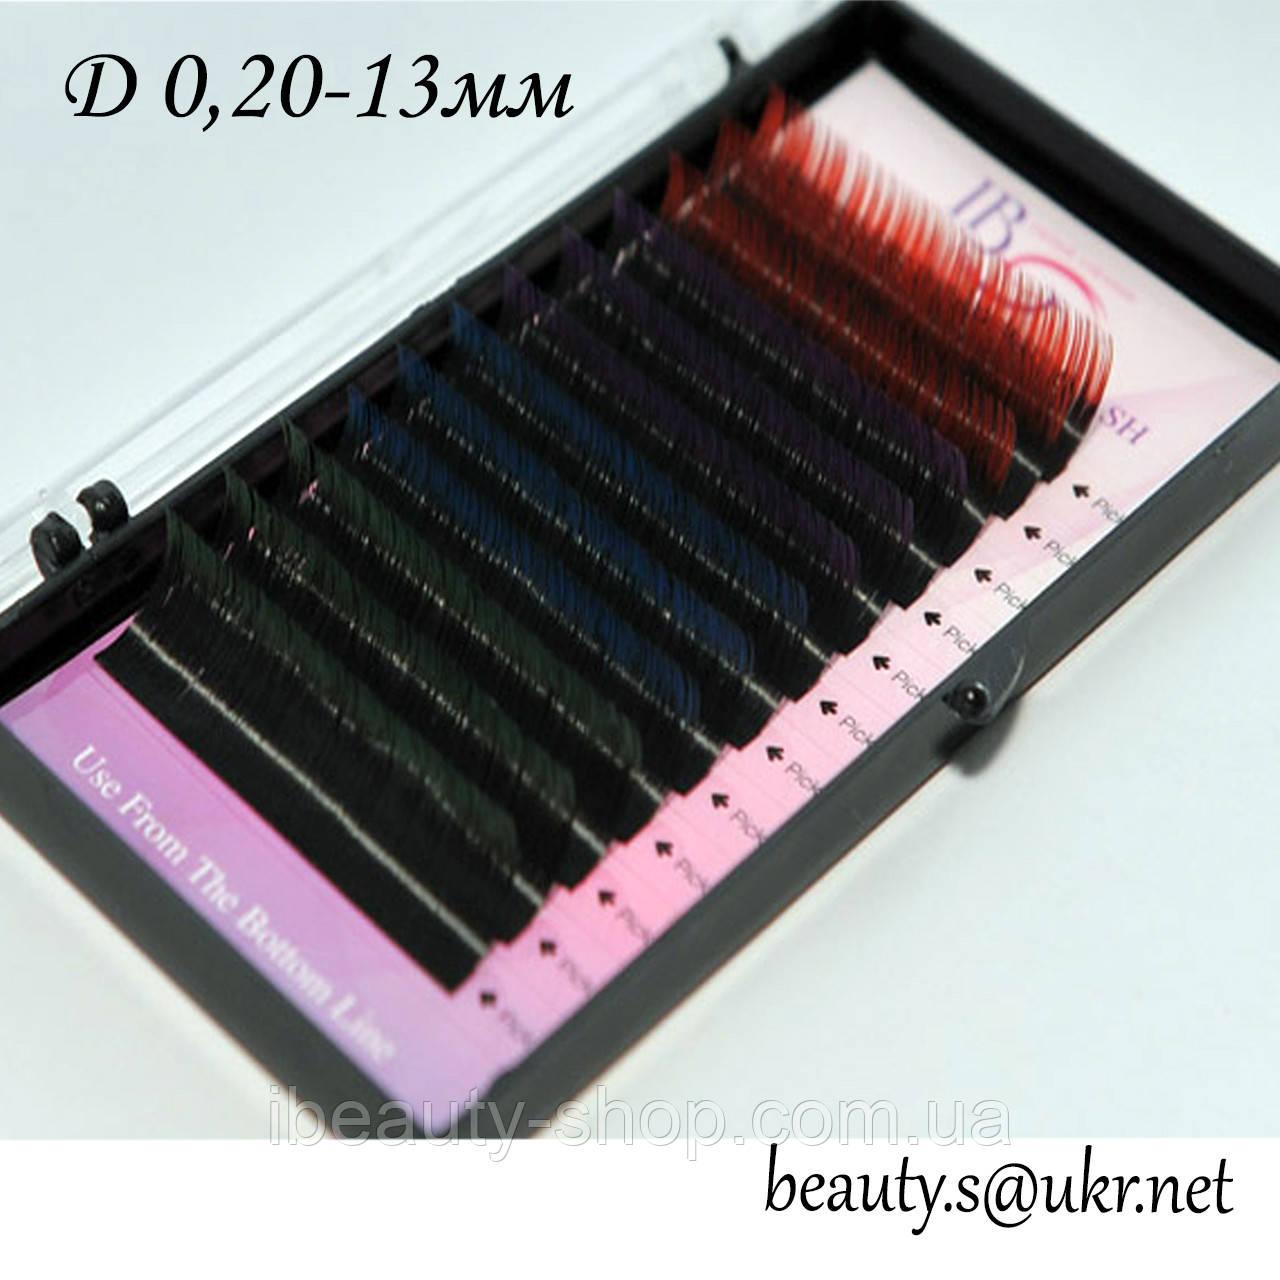 Ресницы I-Beauty, Д 0,20-13мм,цветные концы,4 цвета